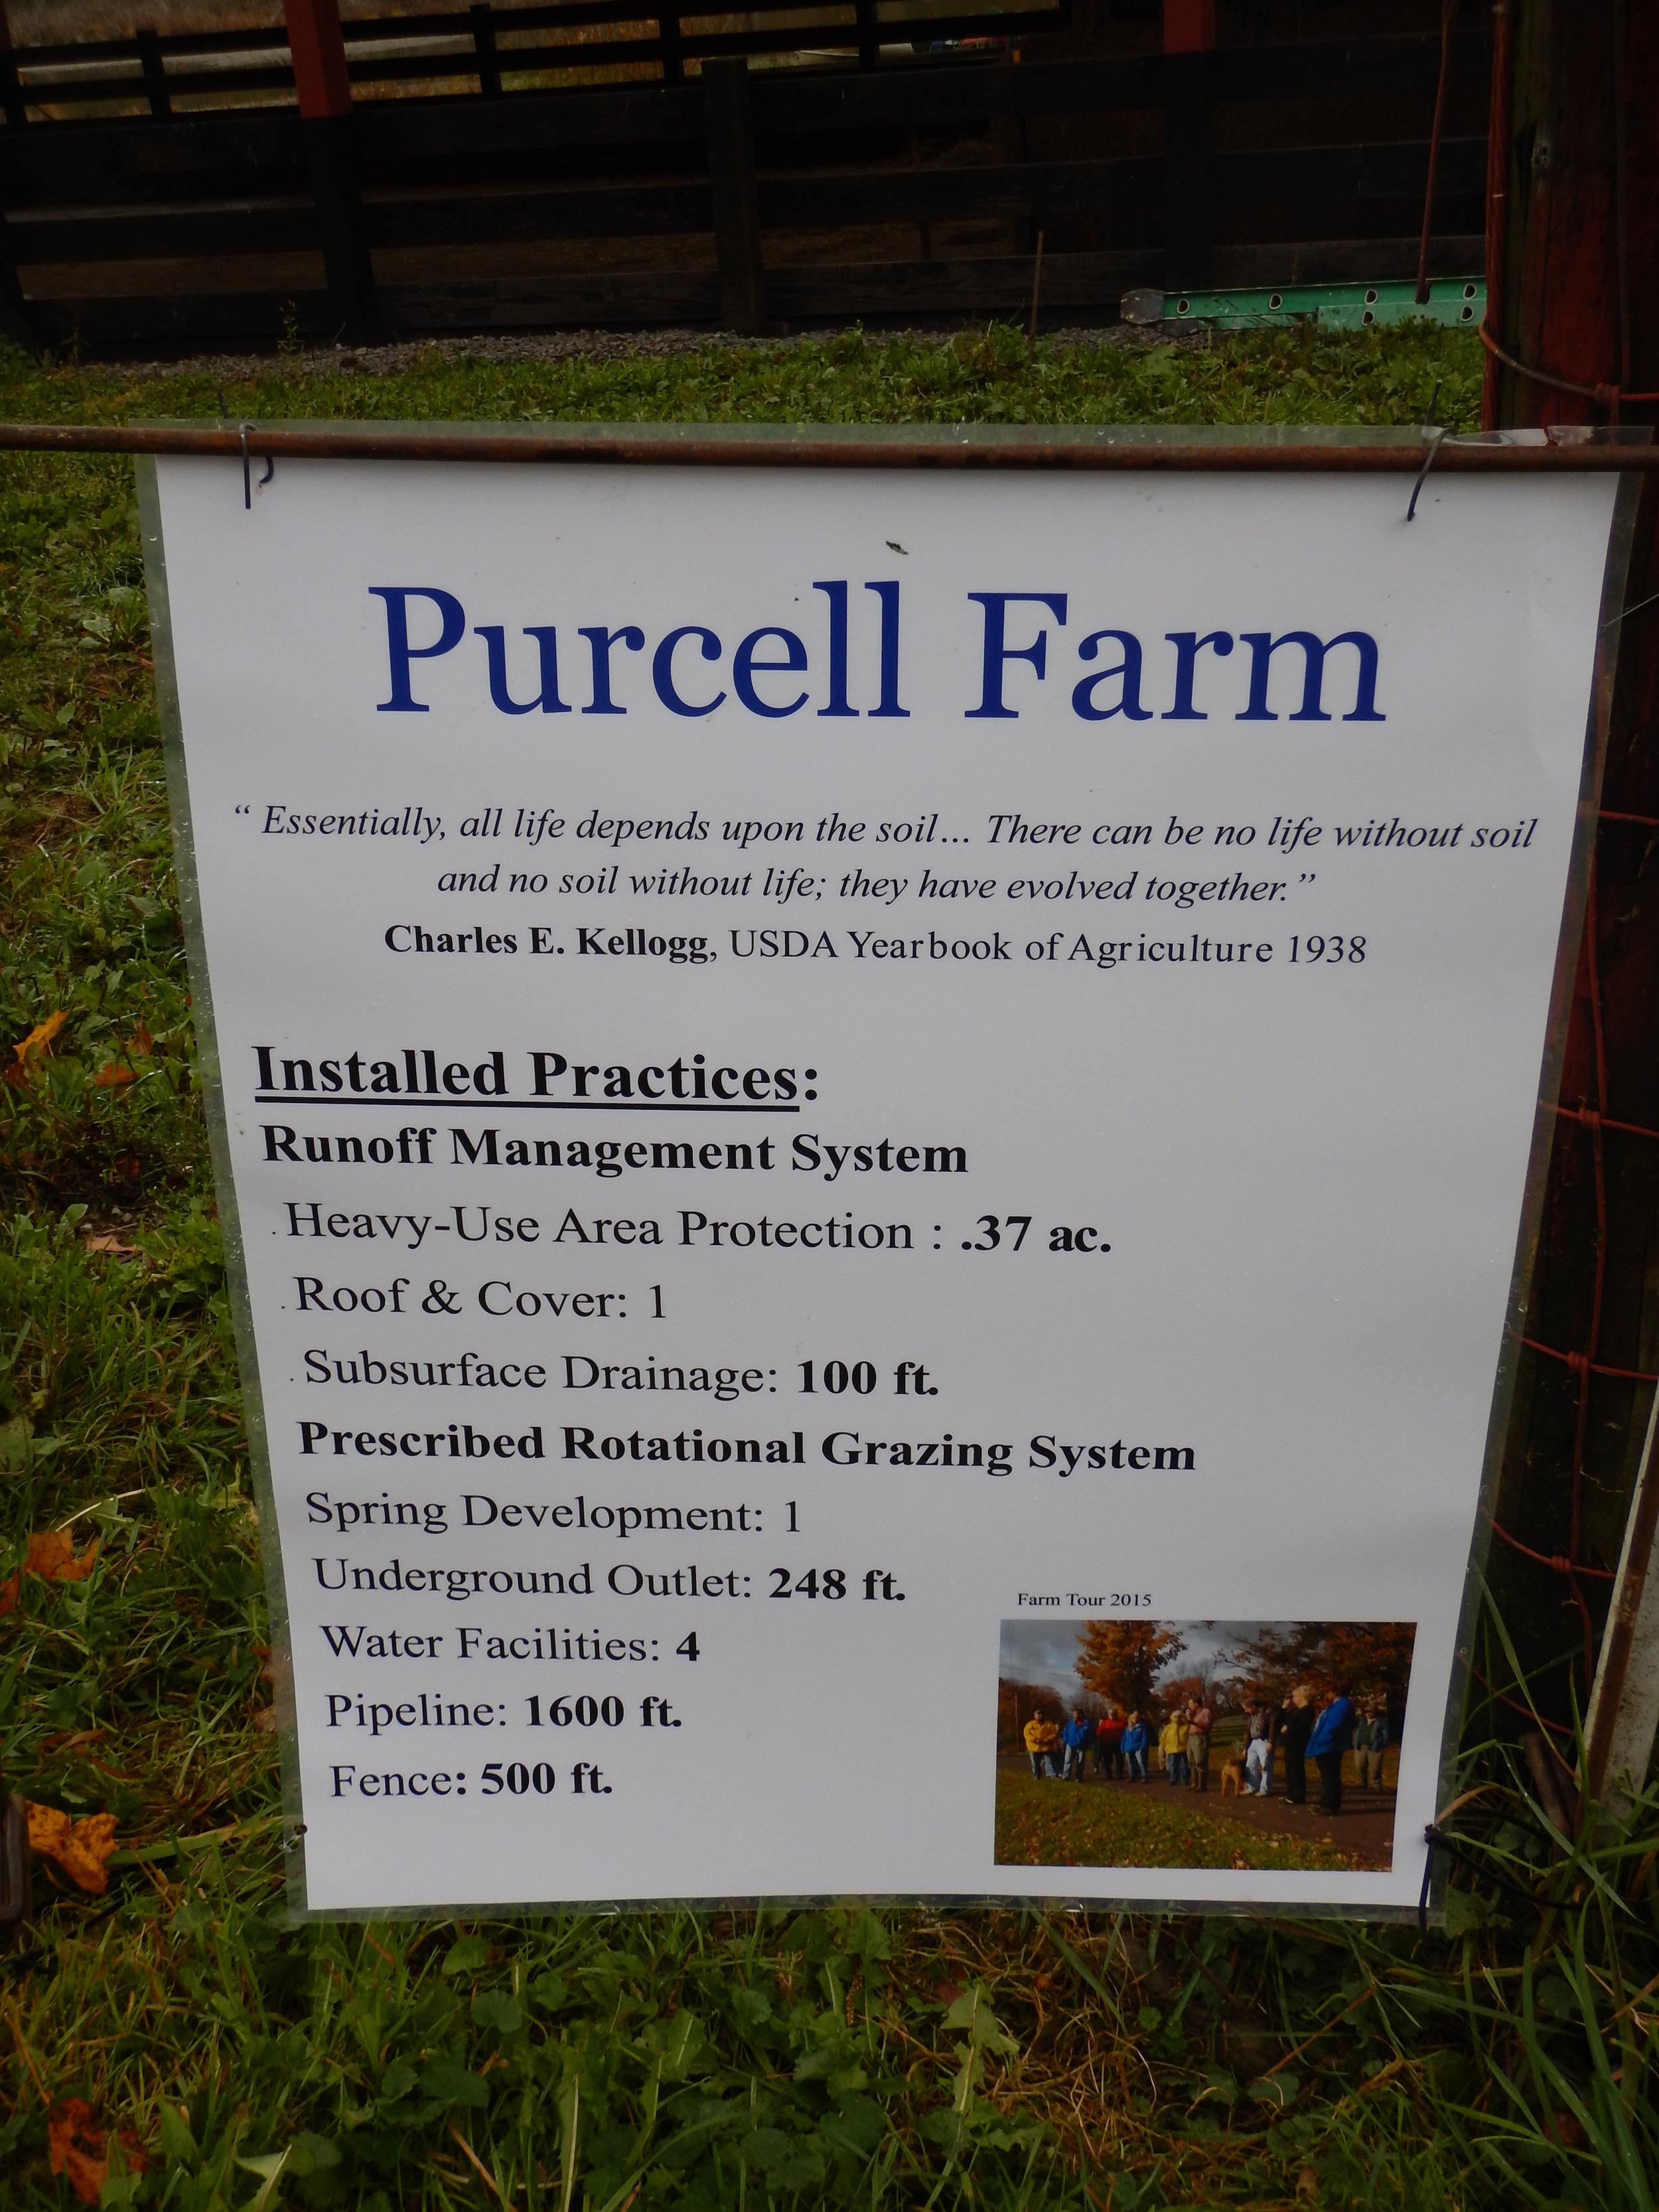 Purcell Farm